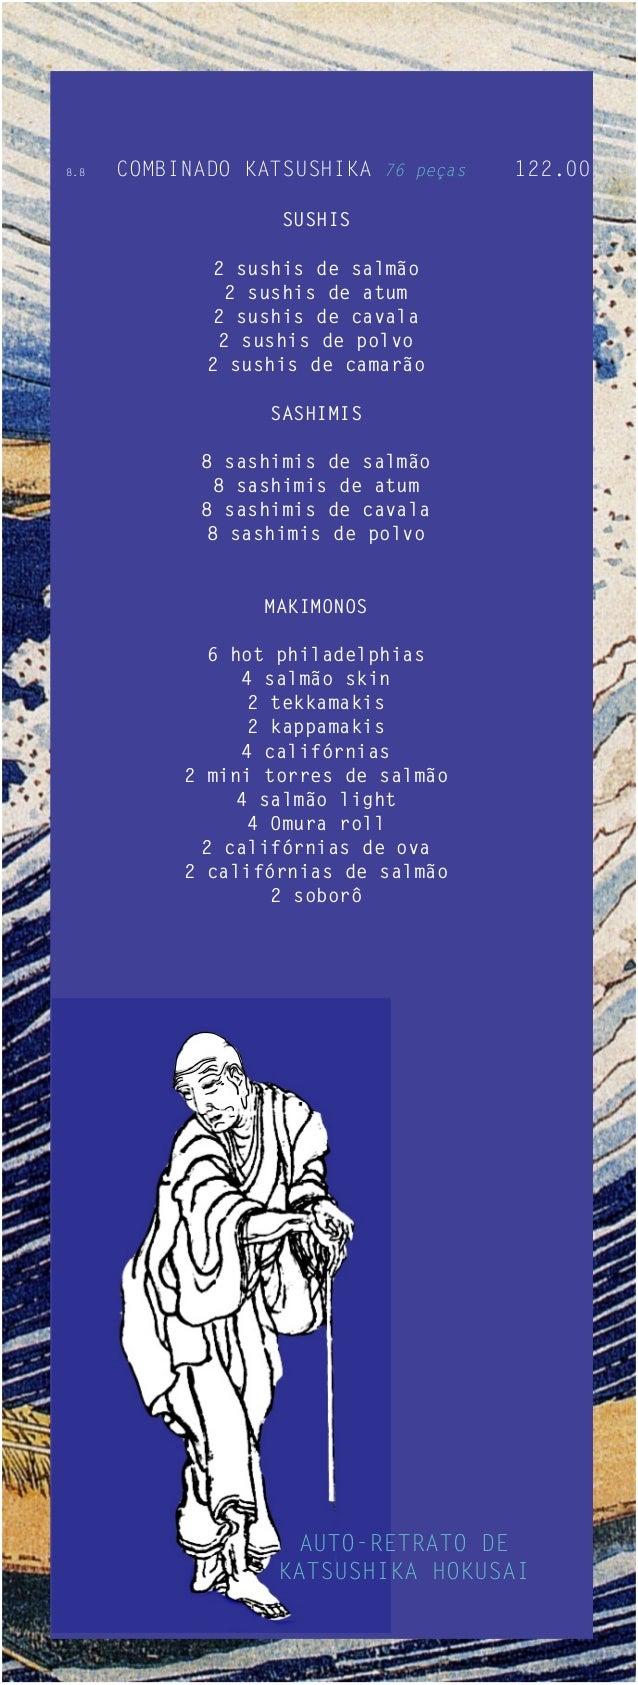 8.8   COMBINADO KATSUSHIKA 76 peças   122.00                    SUSHIS              2 sushis de salmão               2 sus...